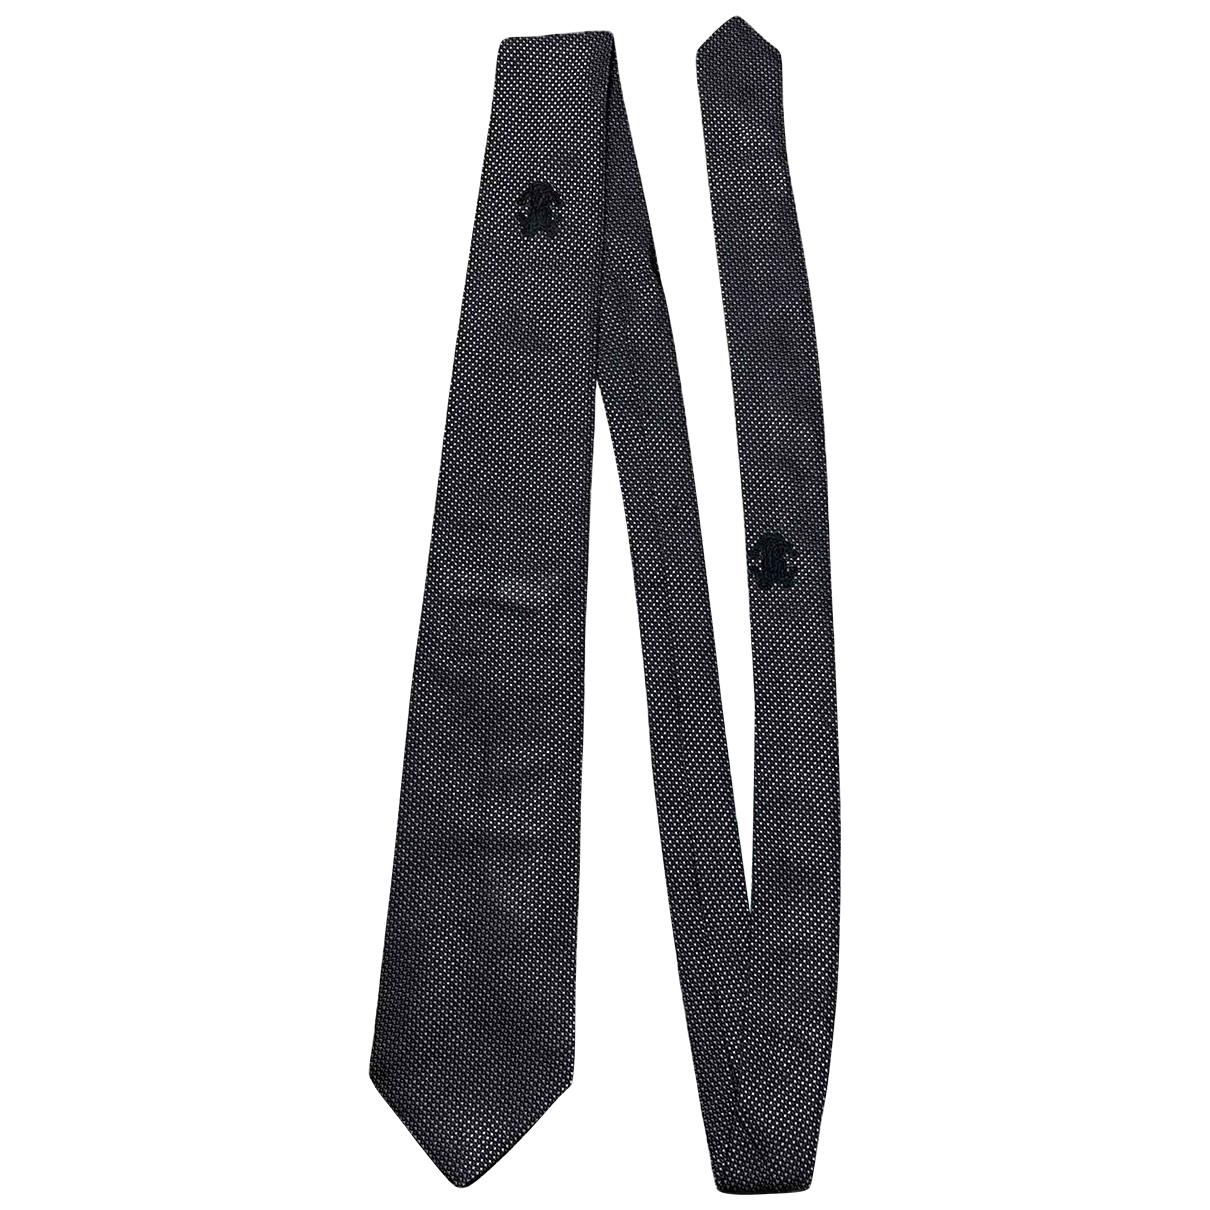 Roberto Cavalli - Cravates   pour homme en soie